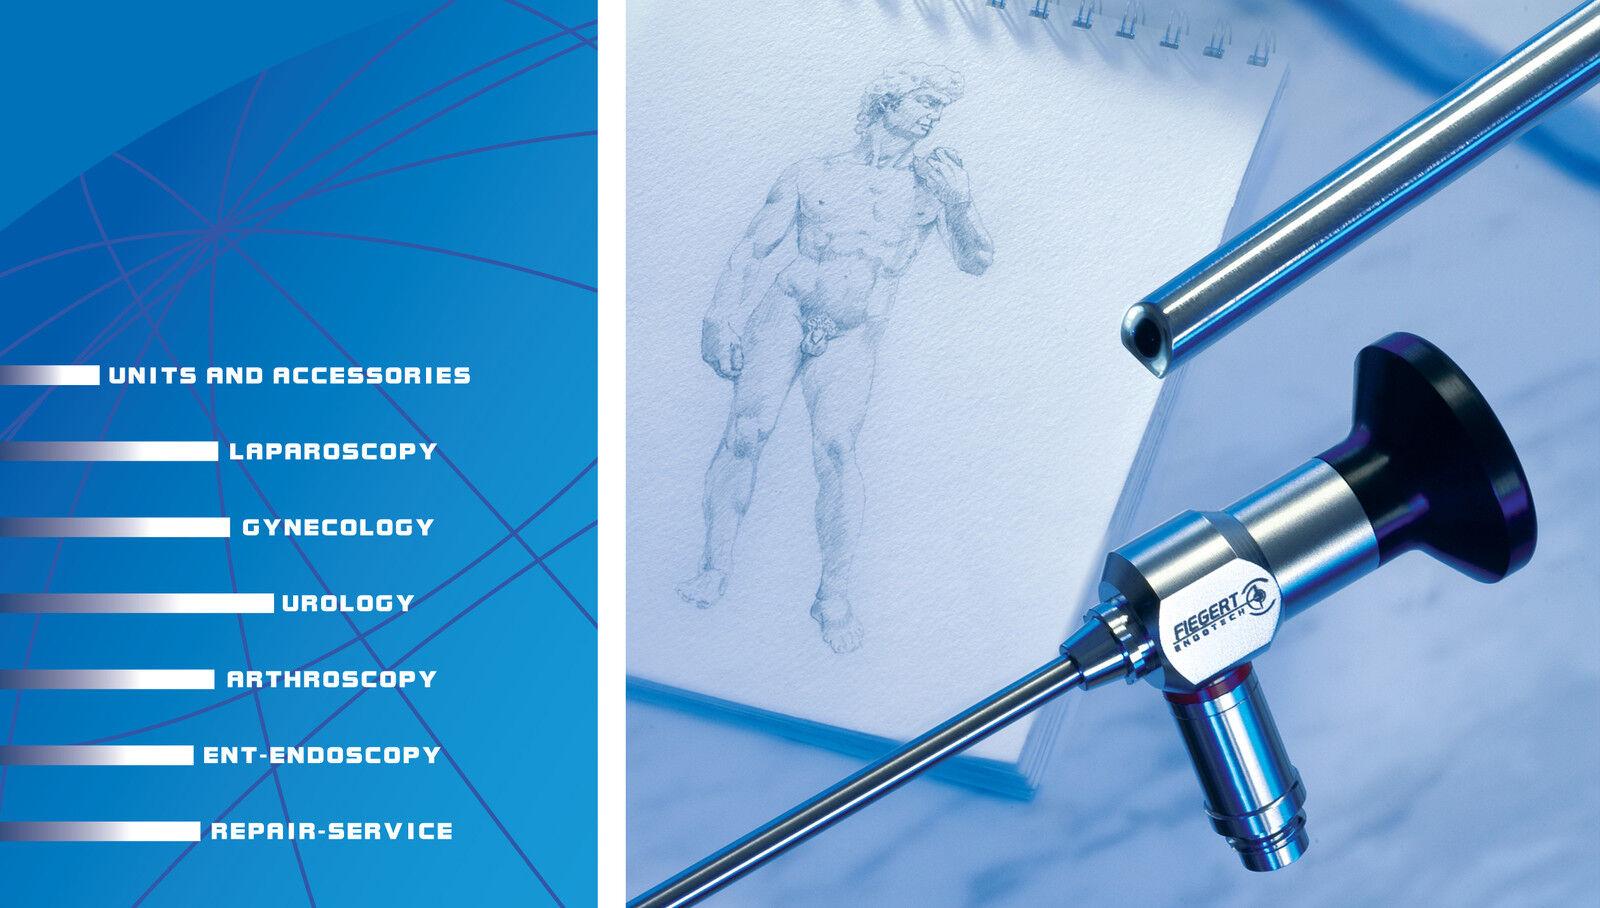 fiegert-endotech-medizintechnik